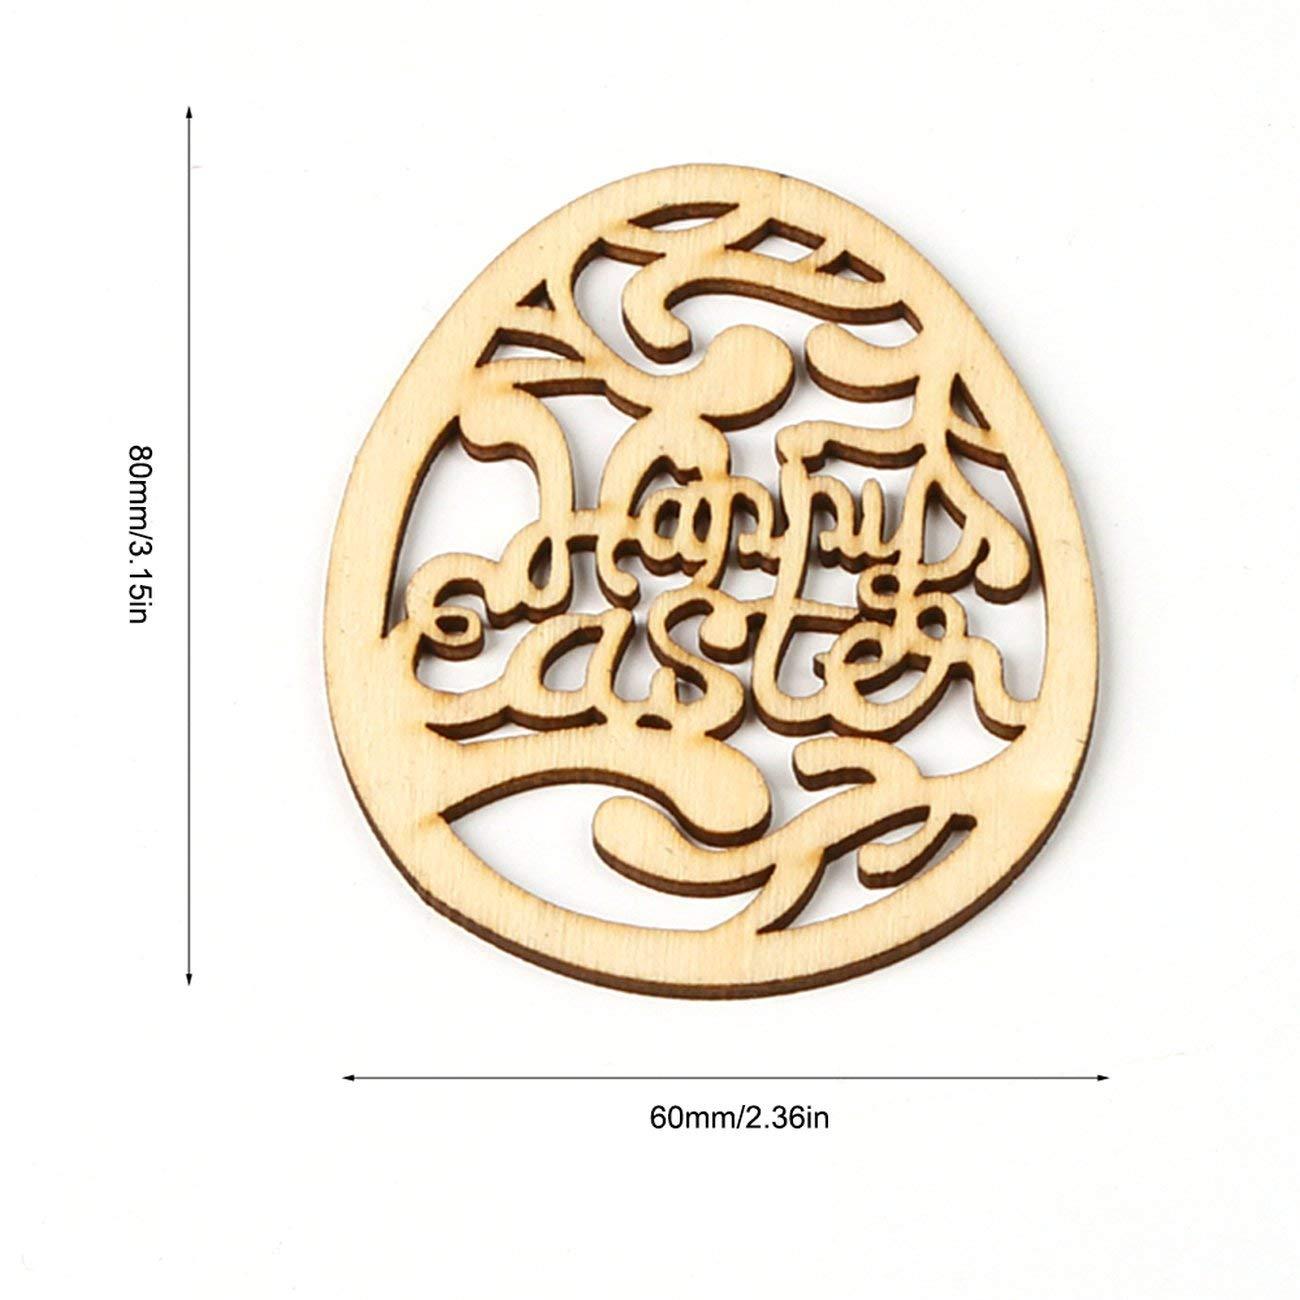 Legno 10 Pezzi Happy Easter Eggs Decorazioni pasquali in Legno per la casa Fai da Te Trucioli di Legno Uova di Pasqua Accessori per Appendere a Parete JM01161